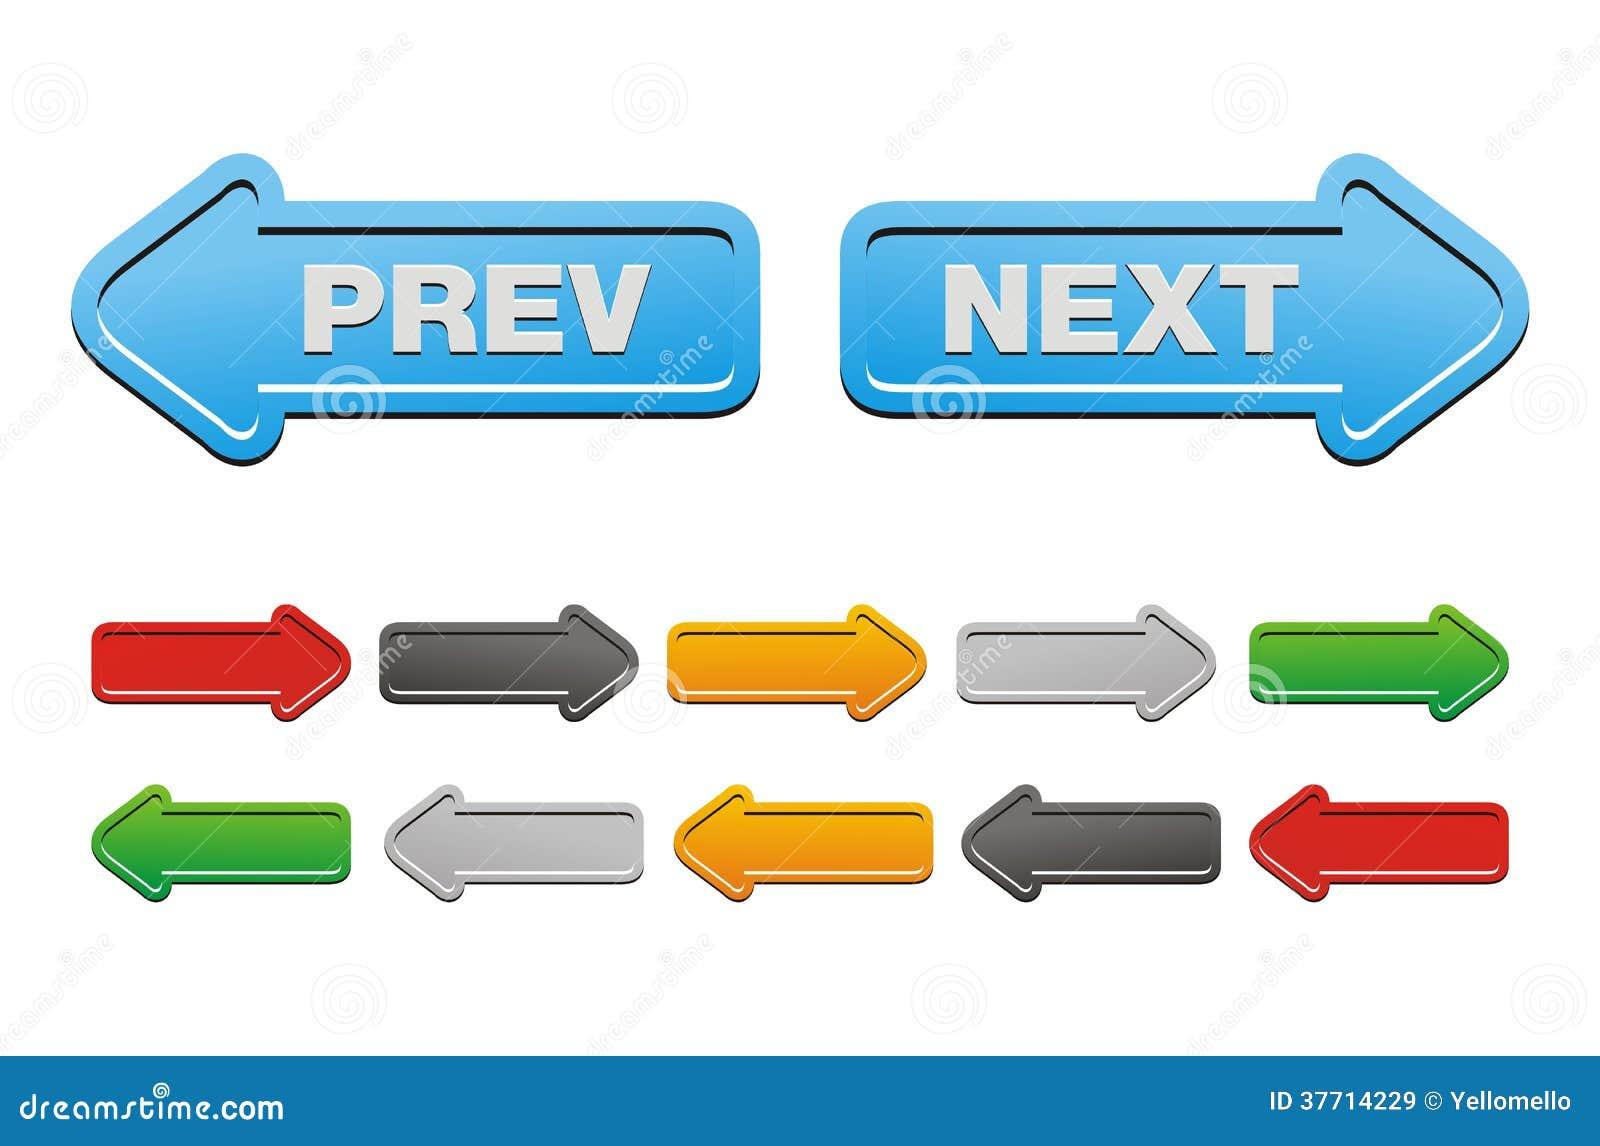 46fc771c22e174 Next Prev Stock Illustrations – 272 Next Prev Stock Illustrations ...